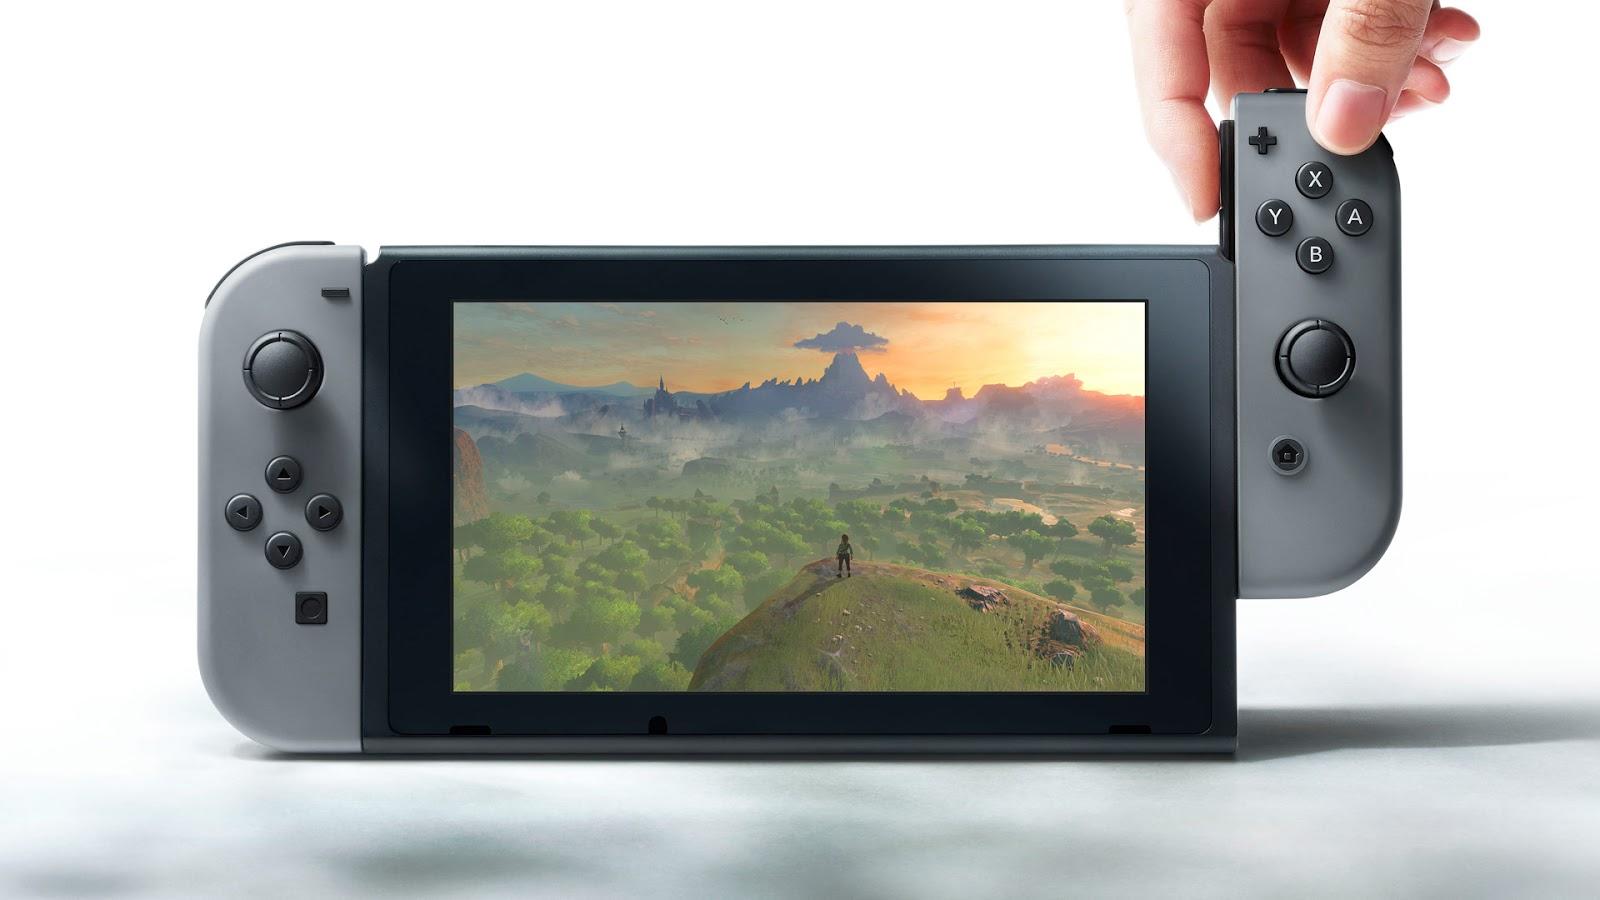 Nintendo no cree que los pixeles muertos sean un problema de fábrica ni motivo de reemplazo